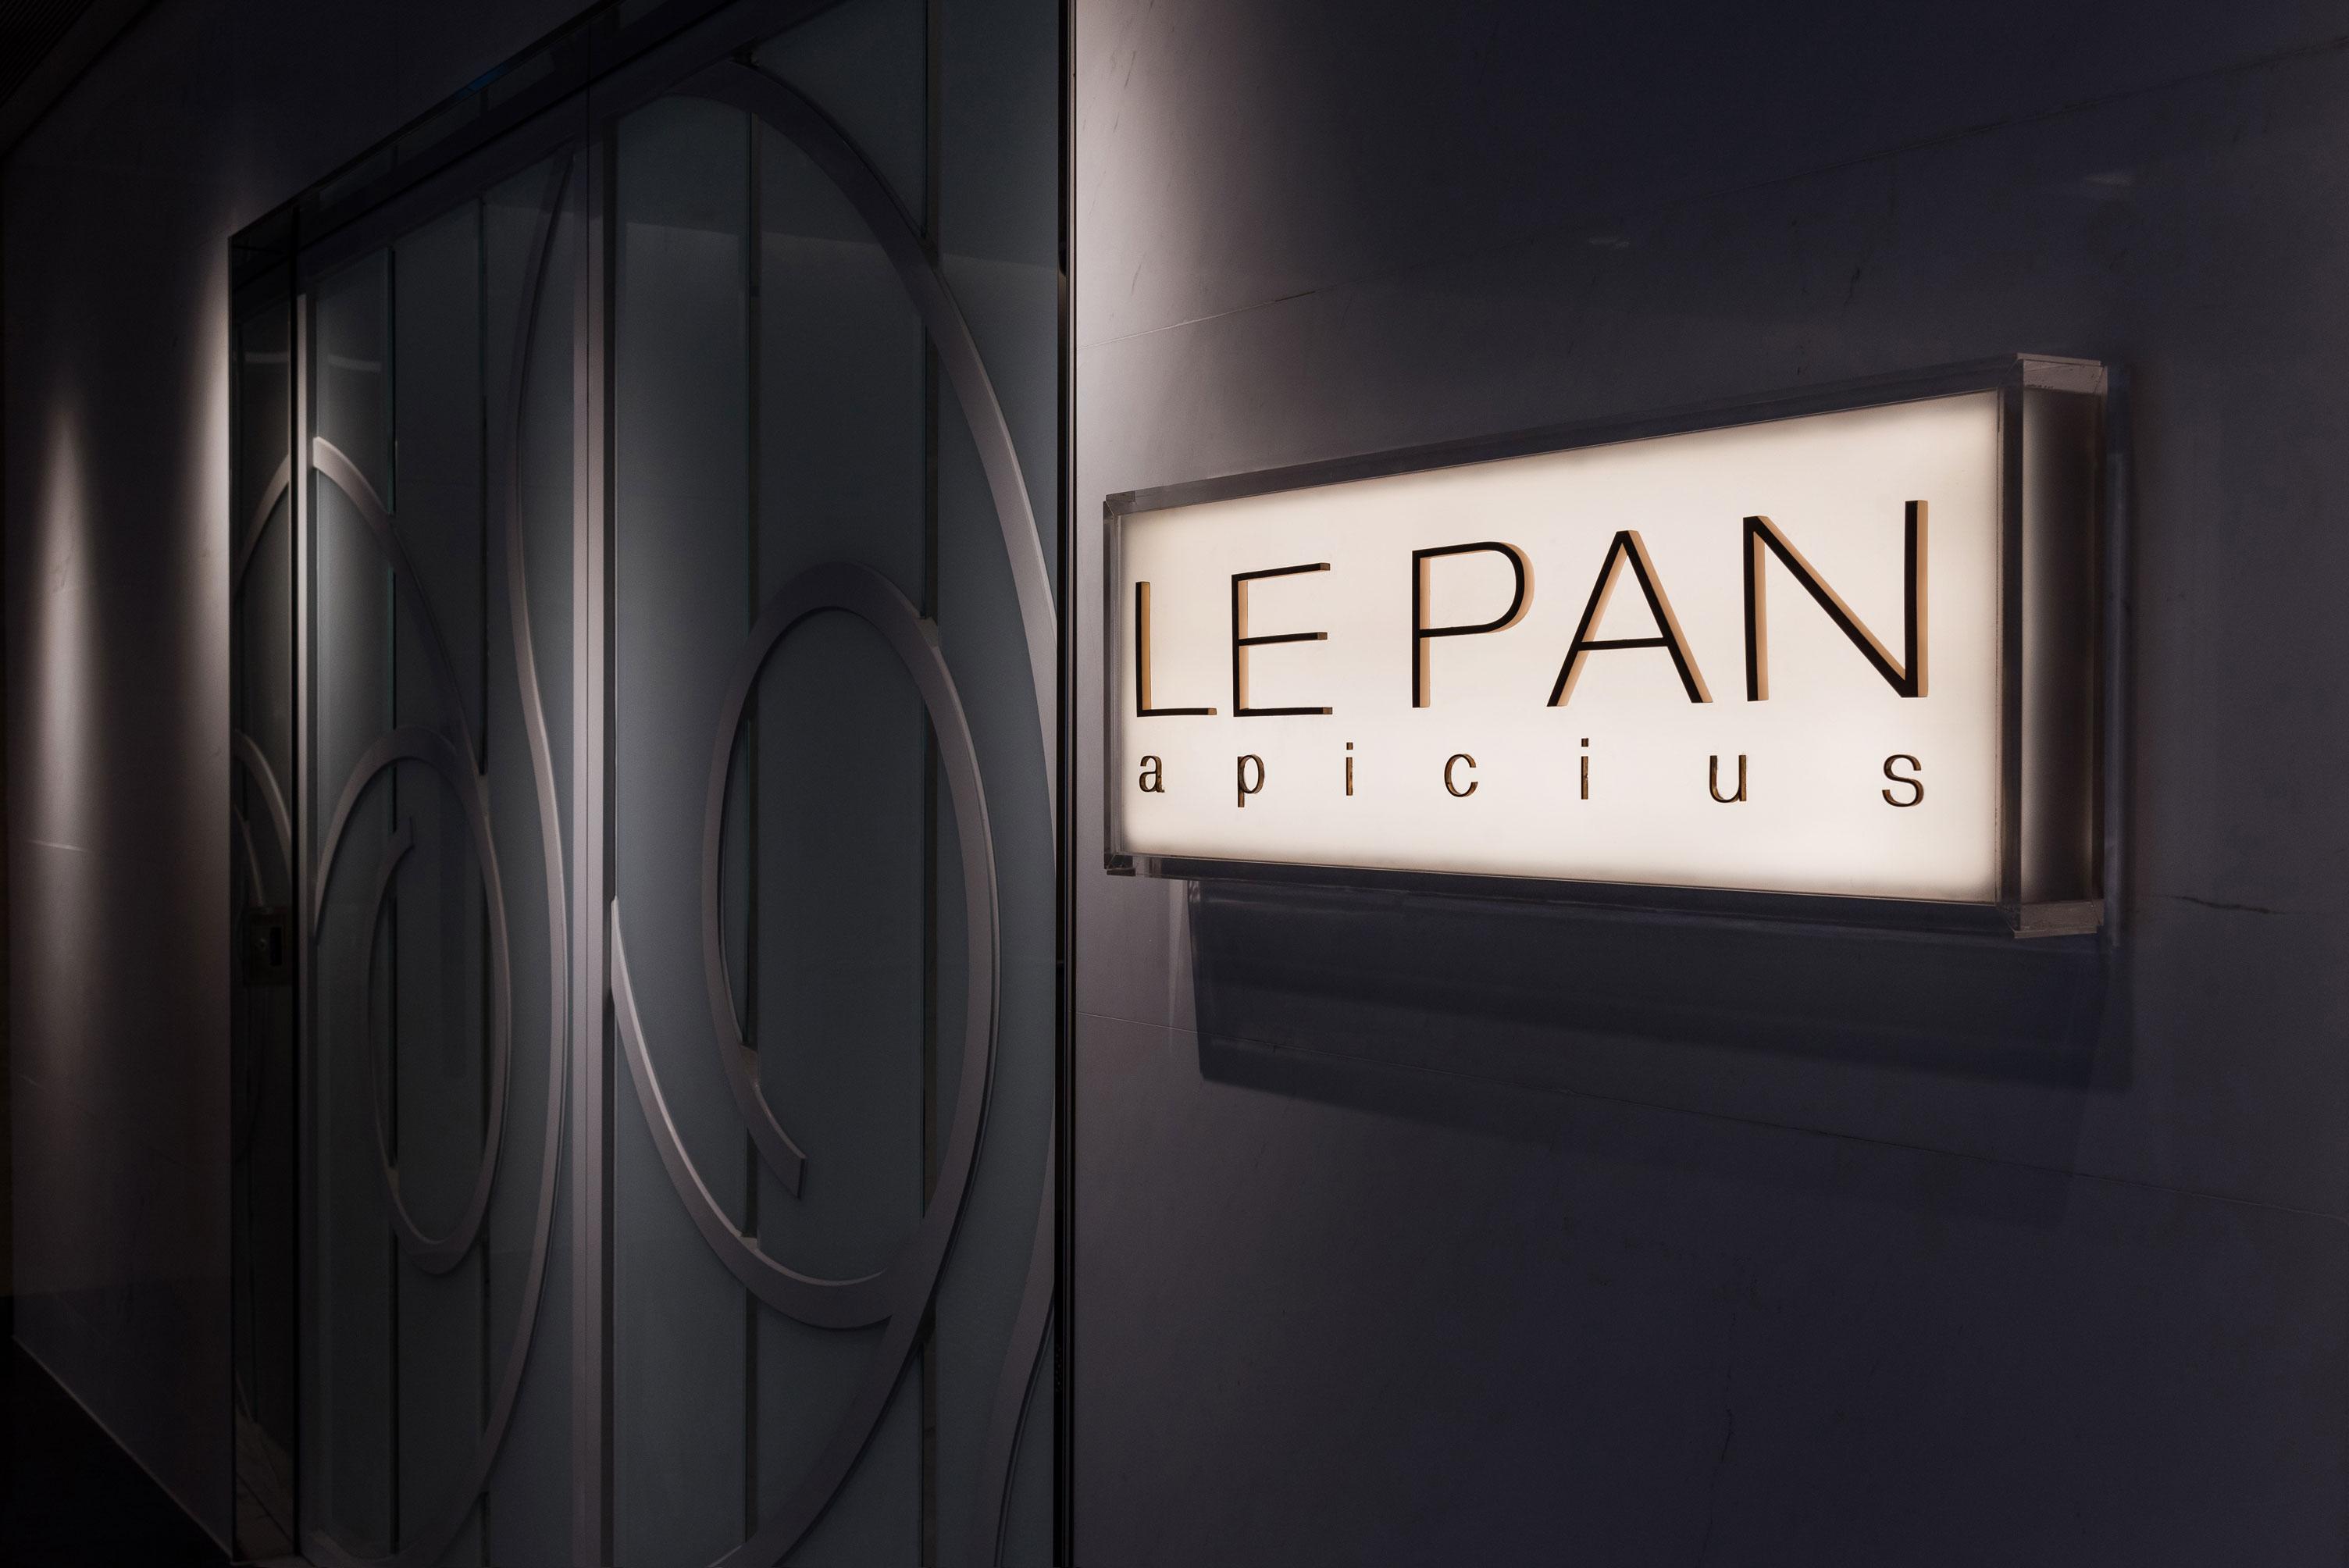 LE PAN's entrance